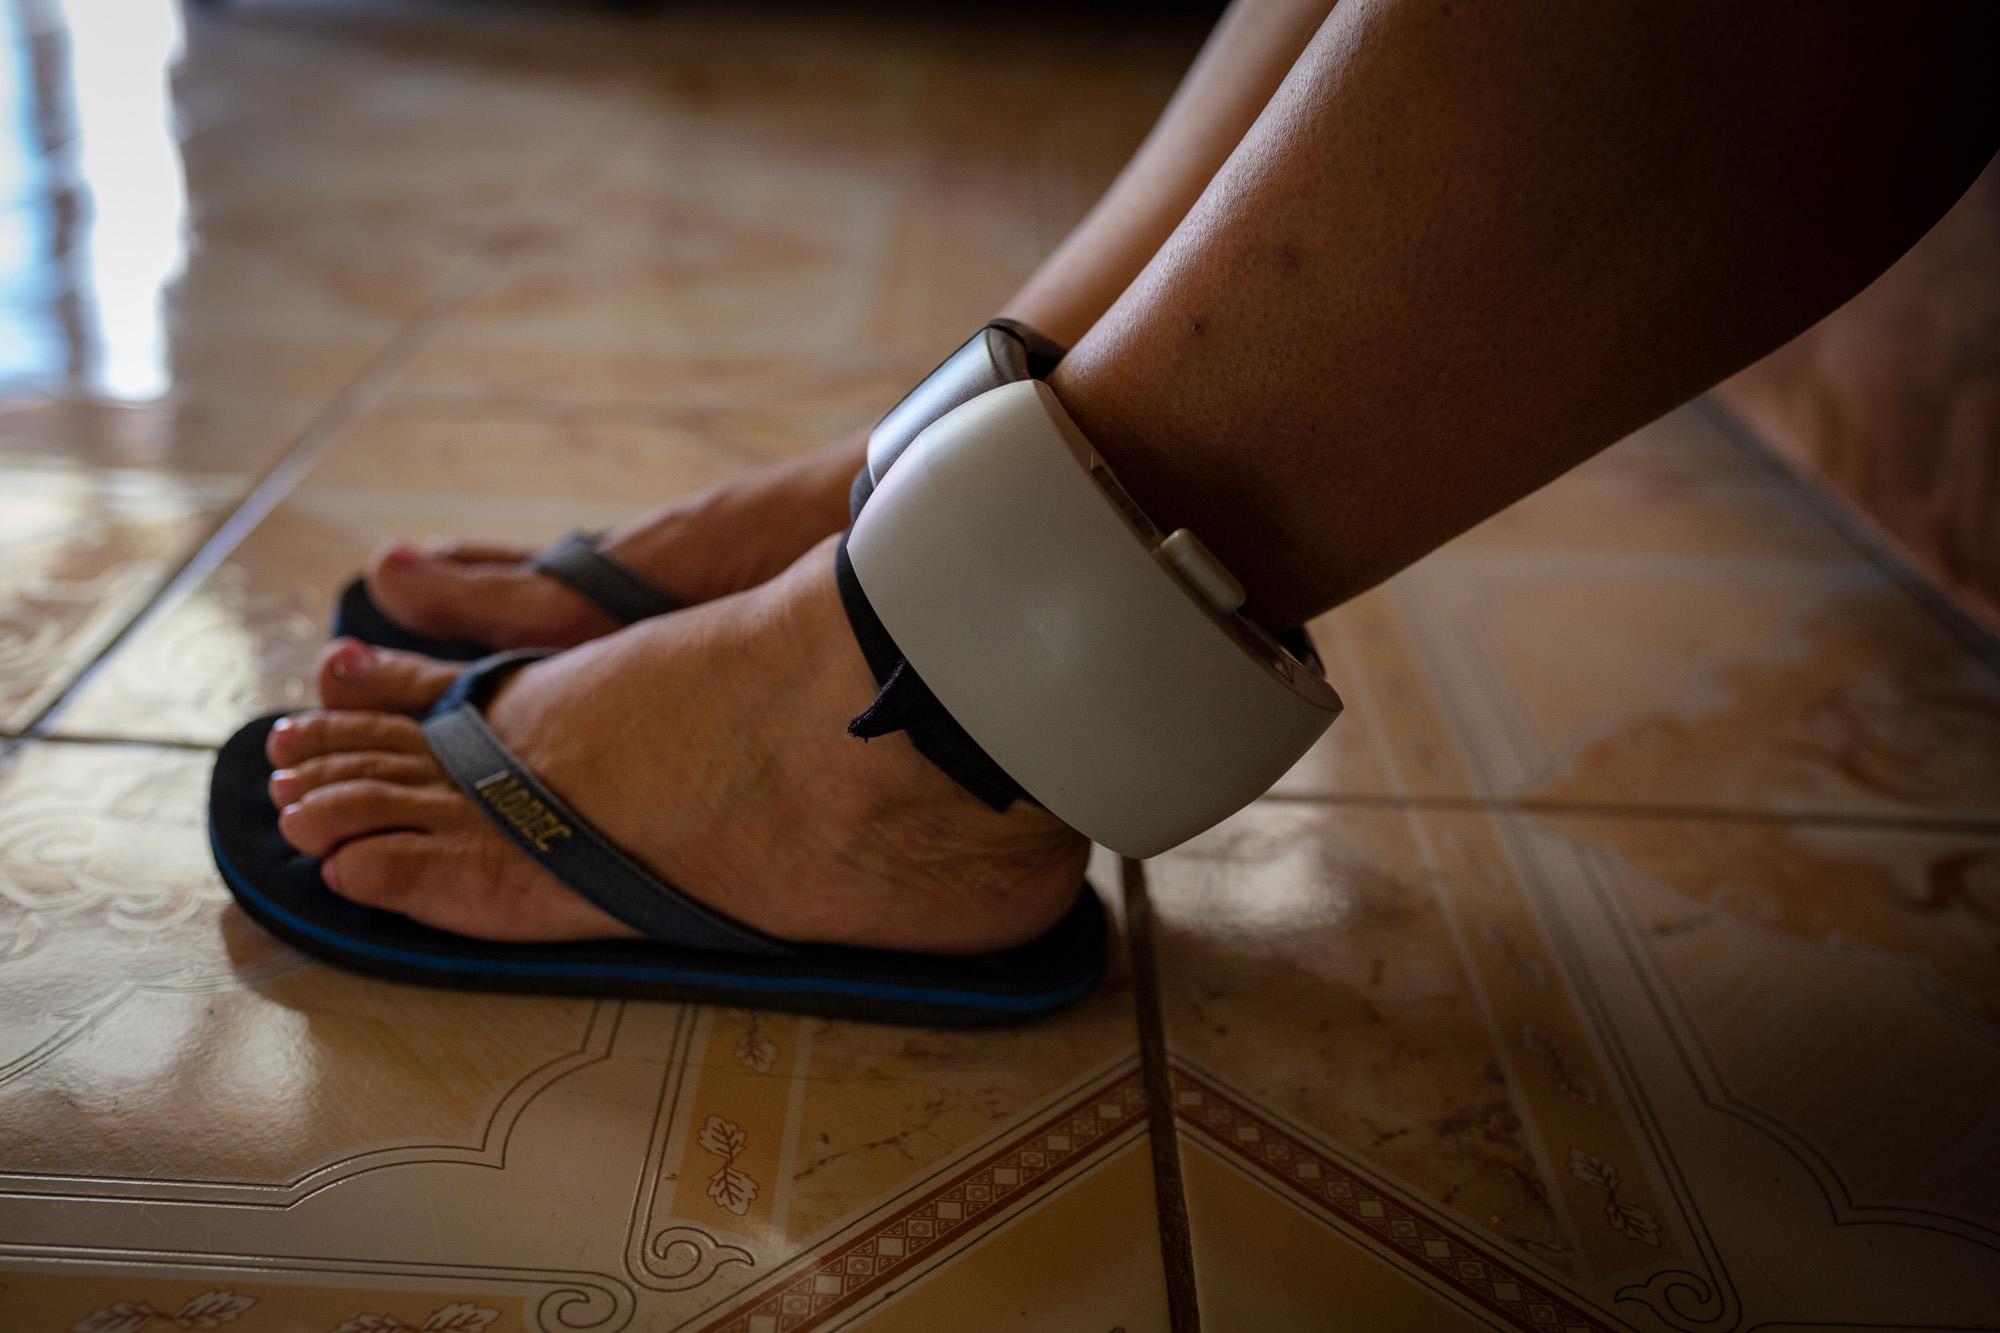 López Martínez, 'Mamá África' lleva una tobillera electrónica en el pie izquierdo, a la espera de su juicio en su casa en la provincia de Guanacaste. Fotografía: César Arroyo / La Voz de Guanacaste